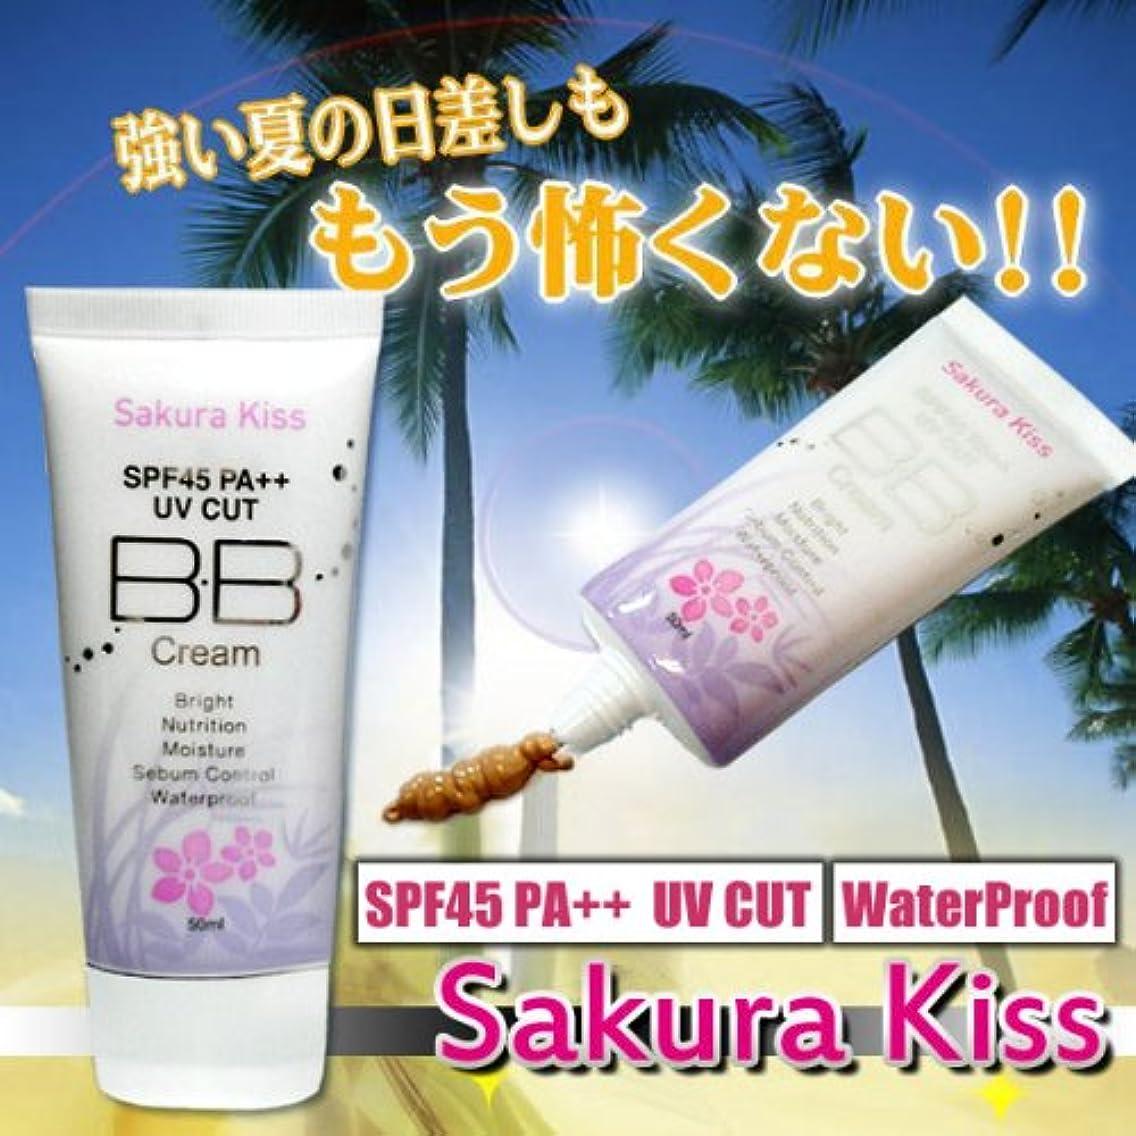 復讐かろうじて類人猿Sakura Kiss BBクリーム UVプロテクト SPF45PA++ 50ml